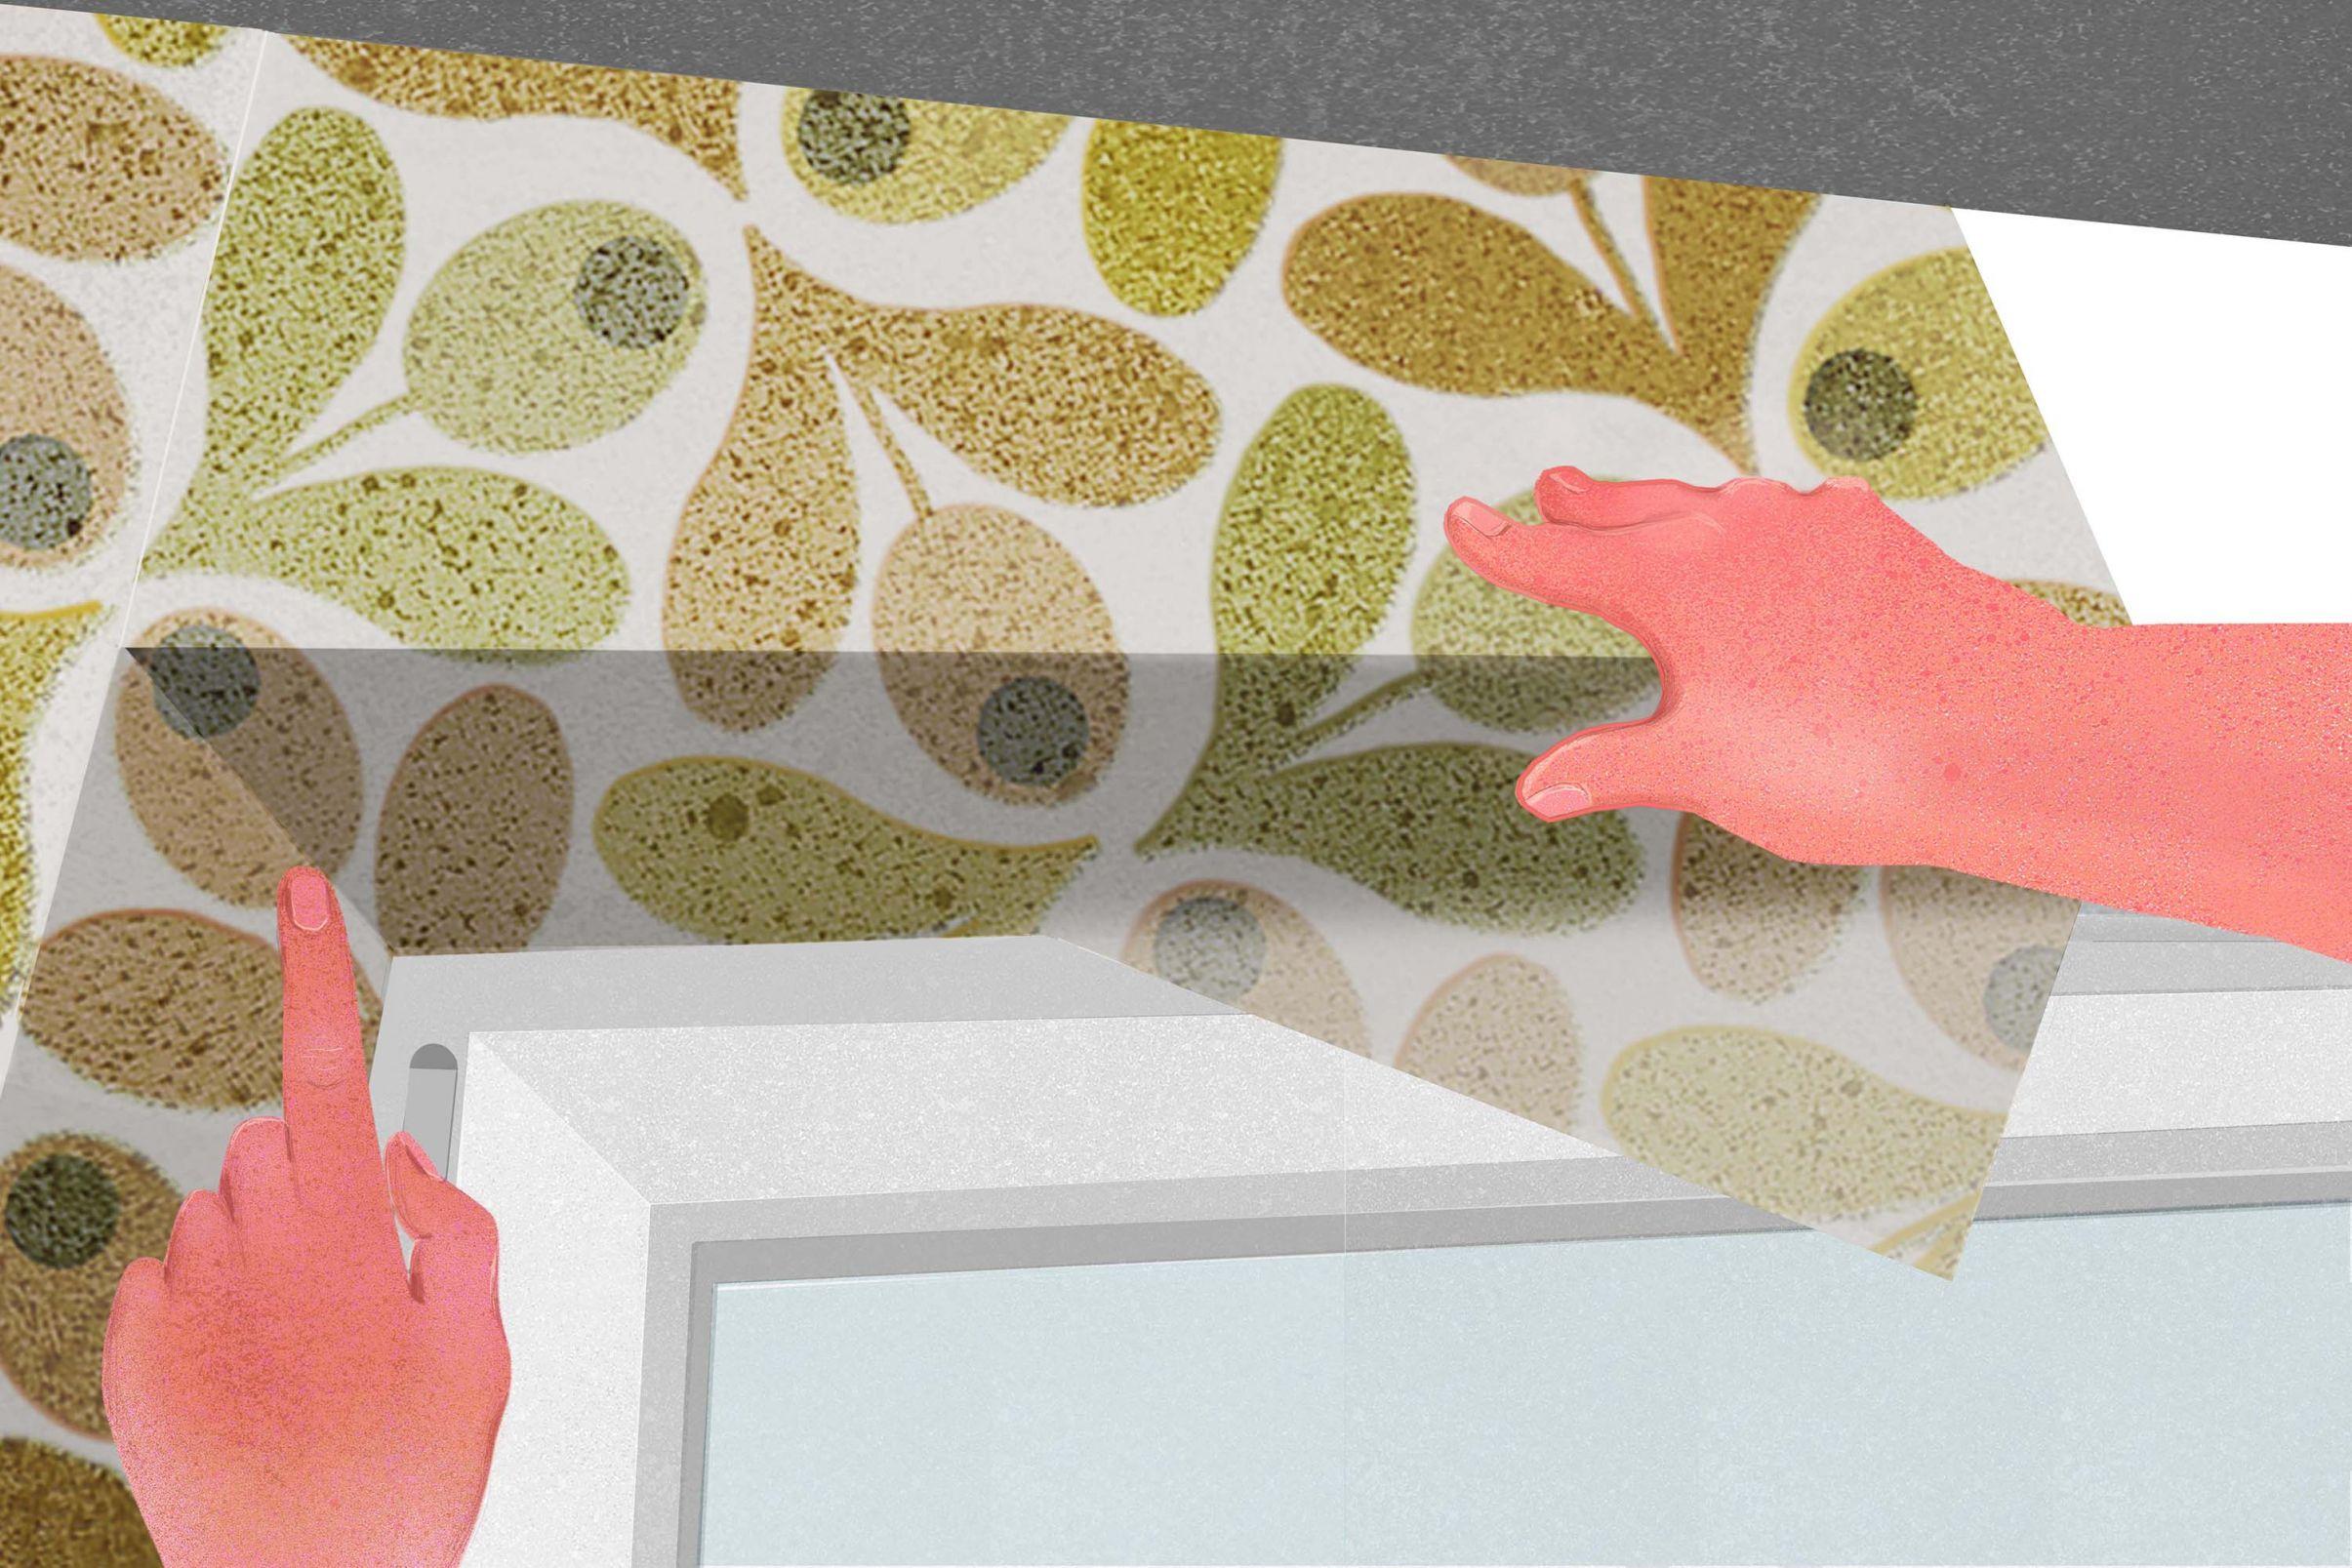 Como-empapelar-alrededor-de-puertas-y-ventanas-Colocar-la-primera-tira-de-papel-pintado-por-encima-de-la-ventana